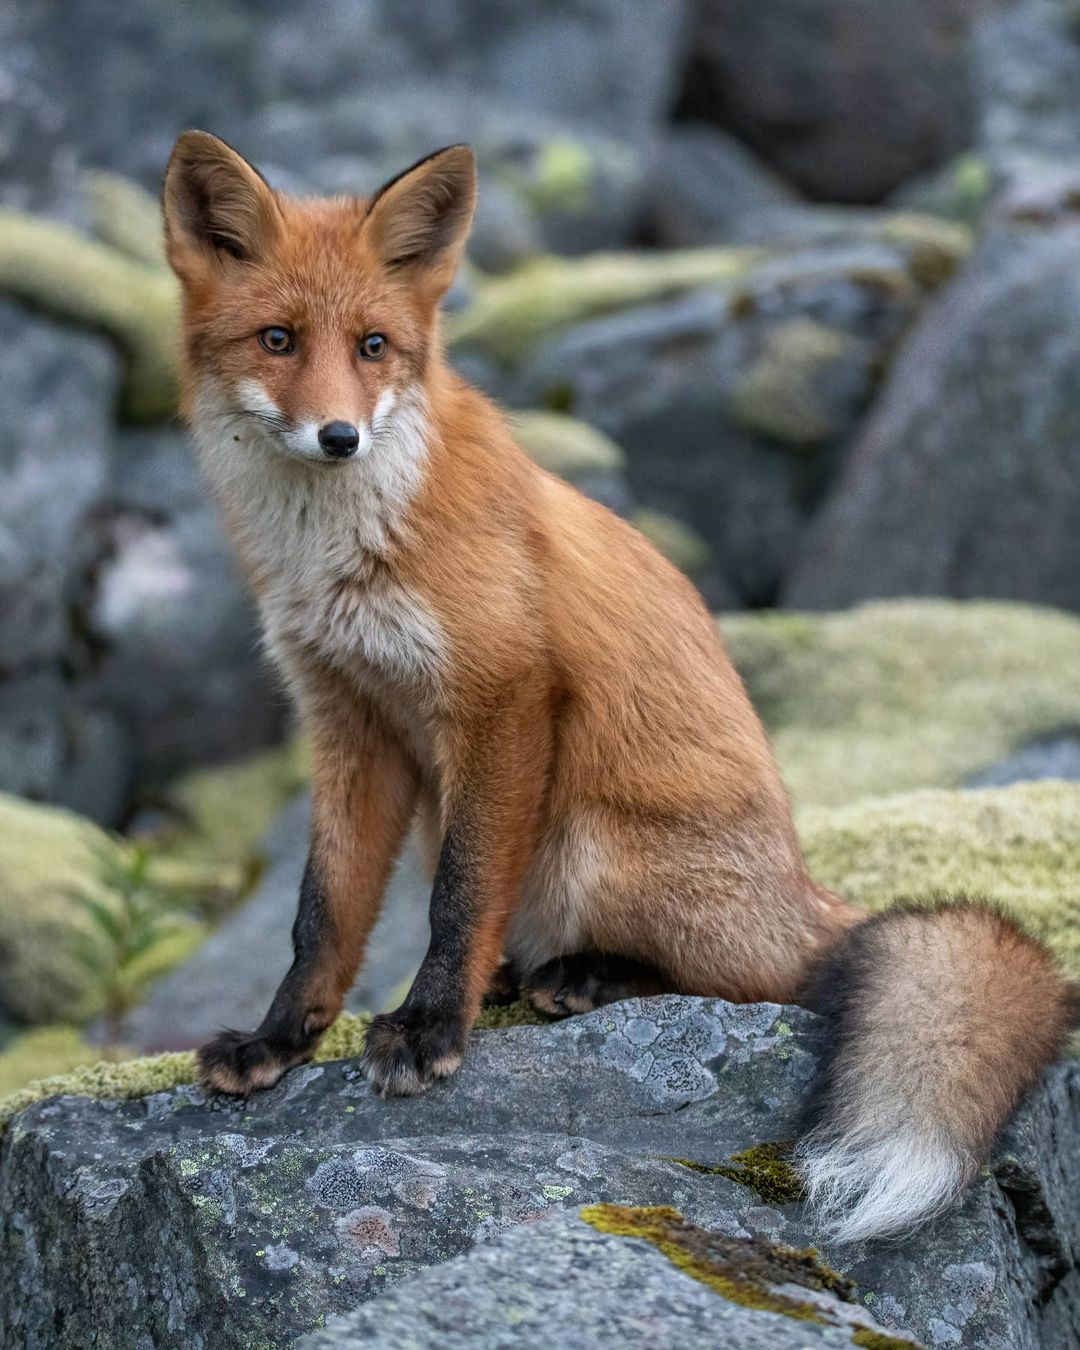 Curioso zorro interrumpe una sesión de fotos y posa para llevarse toda la atención